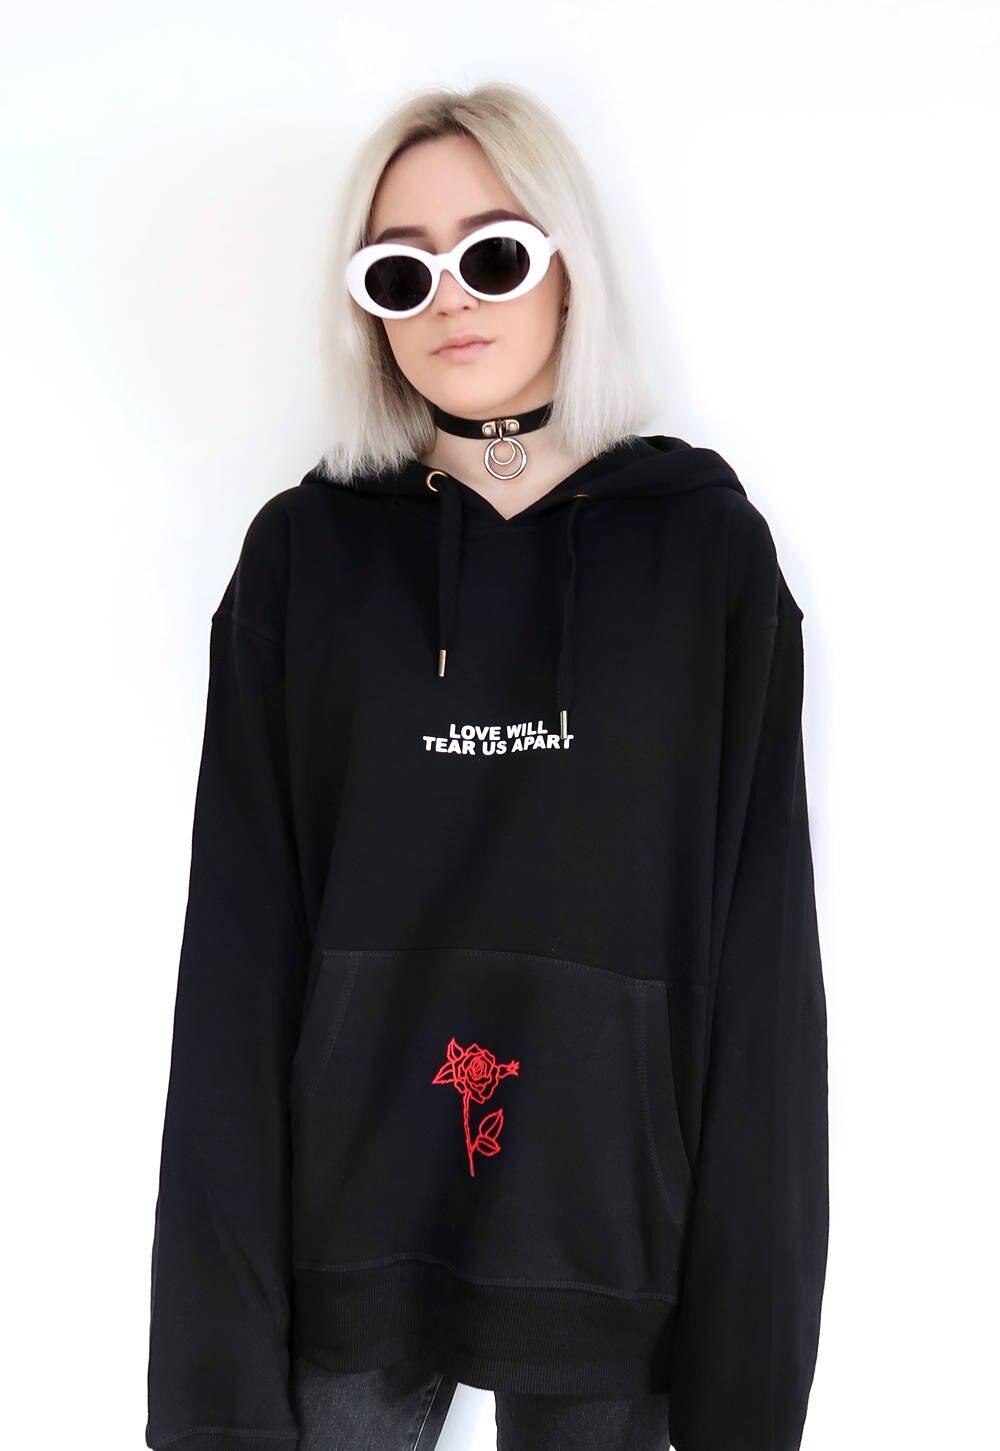 Amour va nous déchirer Rose sweat à capuche noir Tumblr inspiré esthétique Pastel pâle Grunge esthétique 2018 nouveau